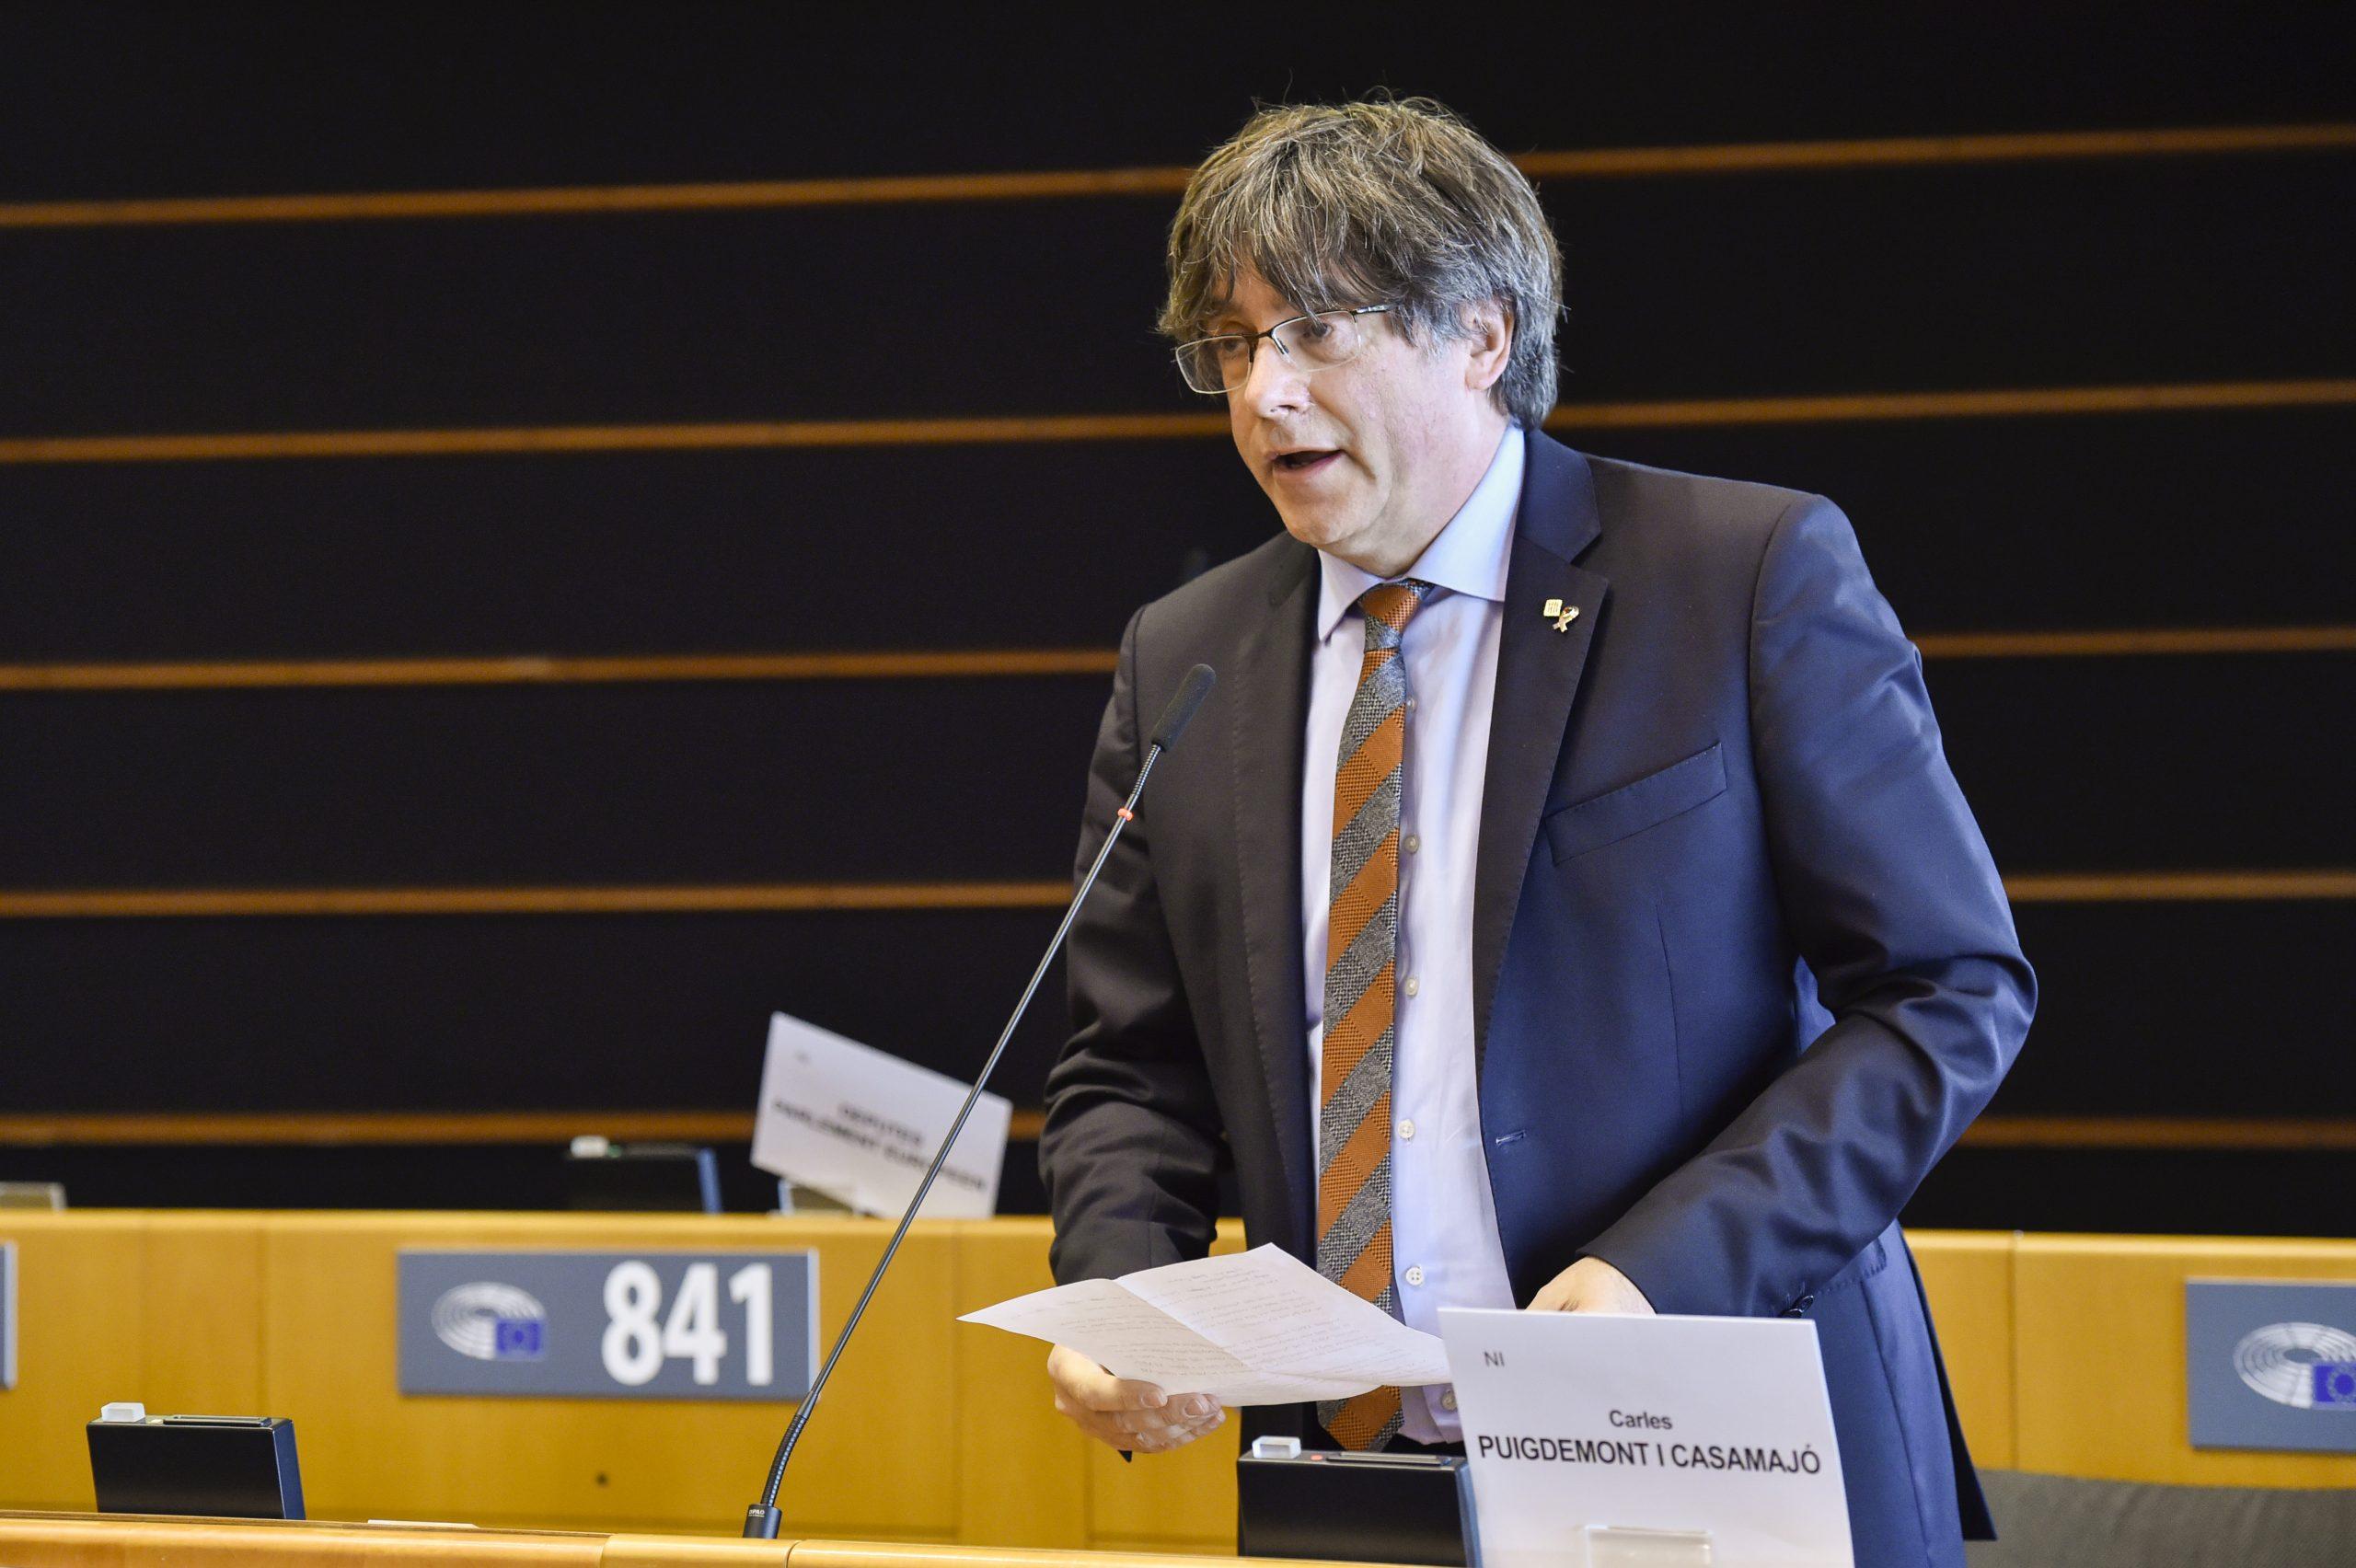 Carles Puigdemont durant una intervenció al Parlament Europeu / ACN